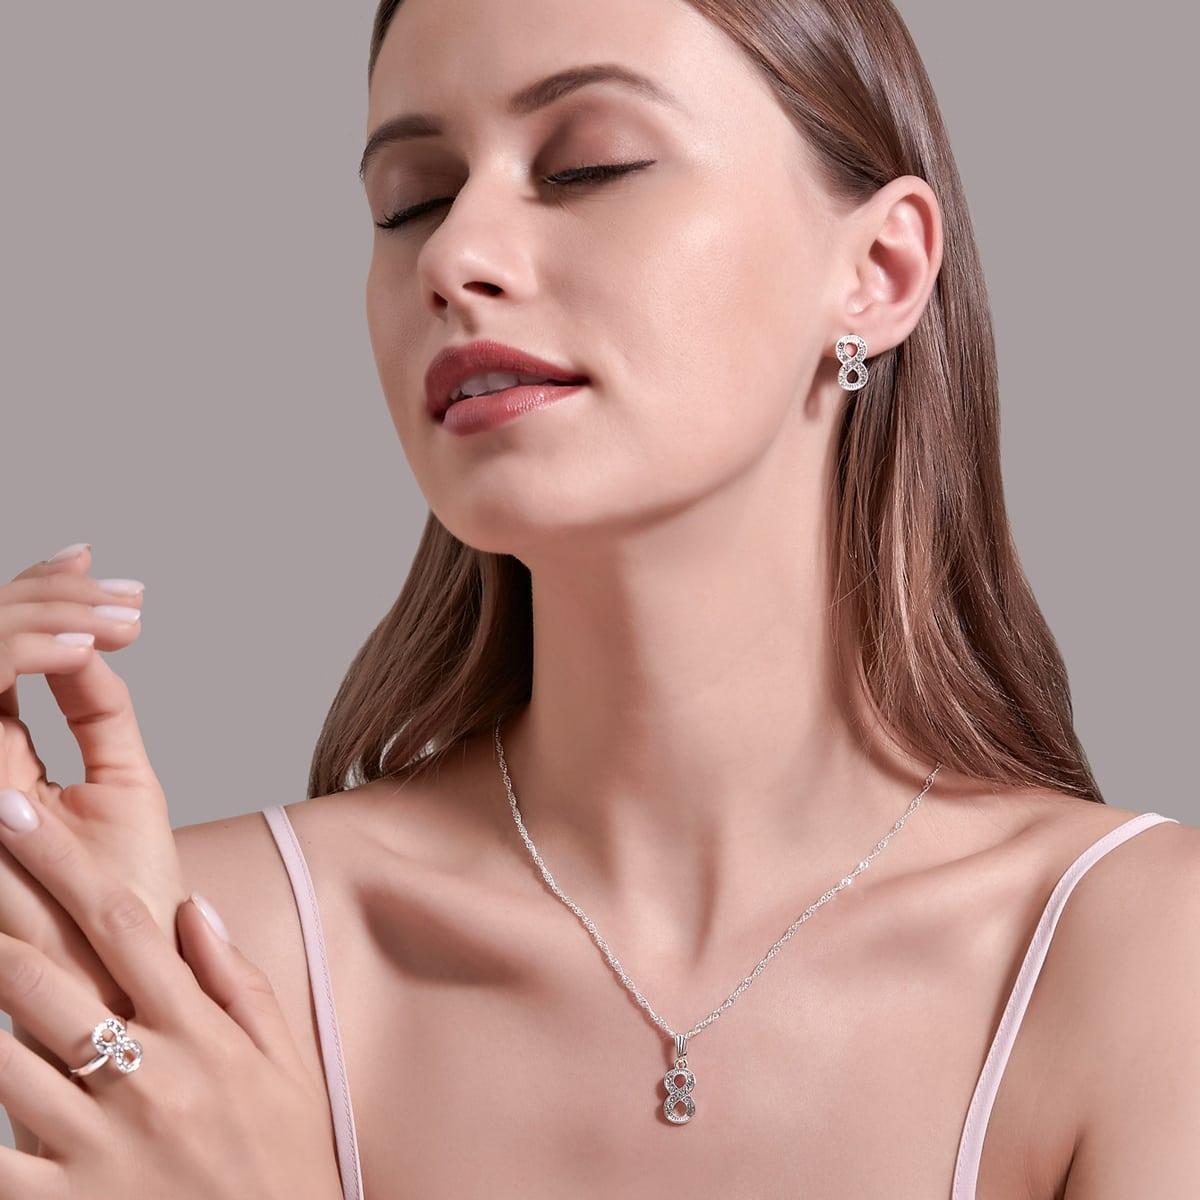 Rhinestone Infinity Decor Jewelry Set, SHEIN  - buy with discount